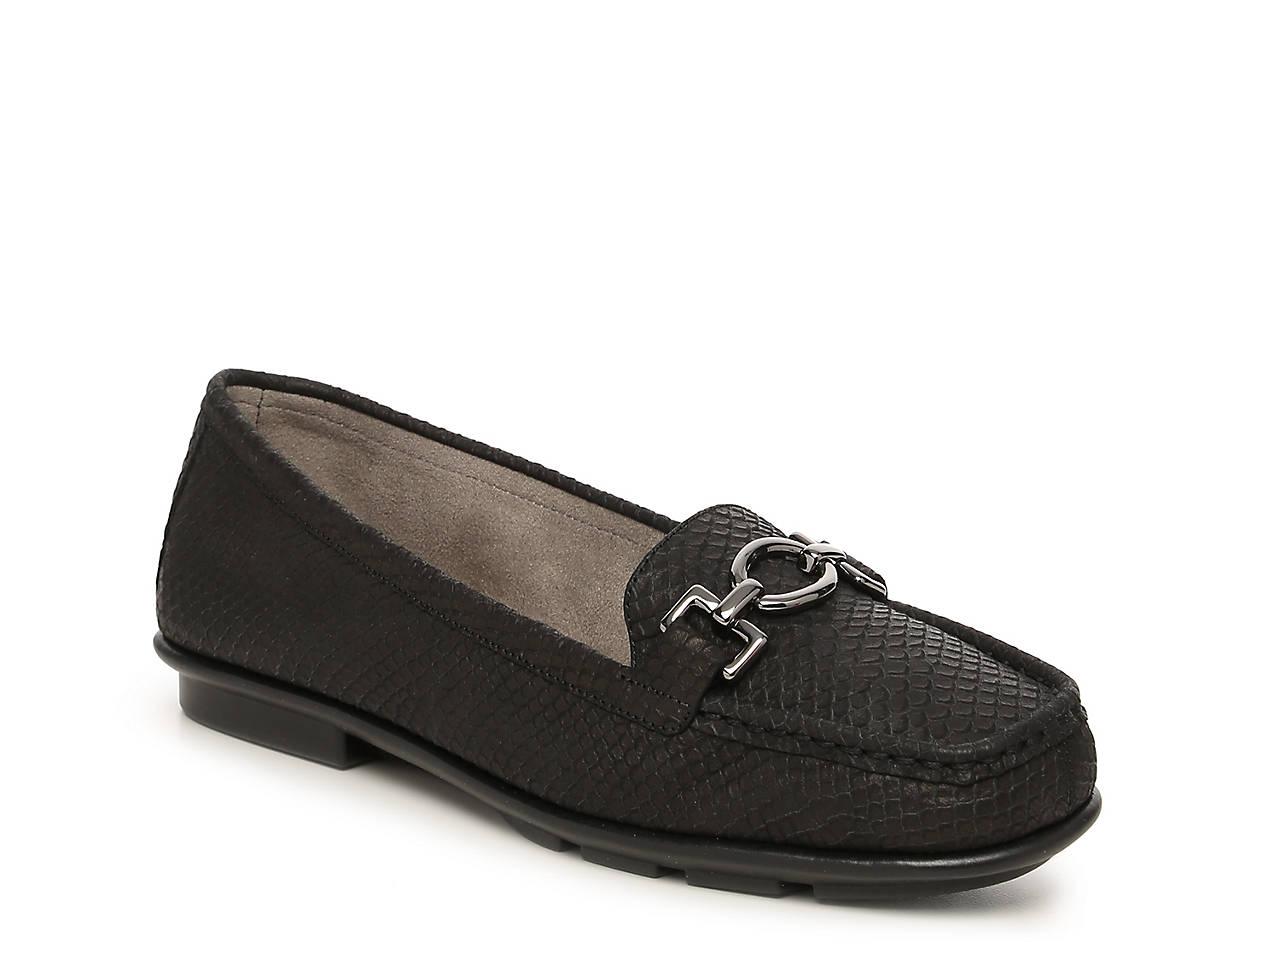 f05821b3802e Aerosoles Hazelnut Loafer Women s Shoes